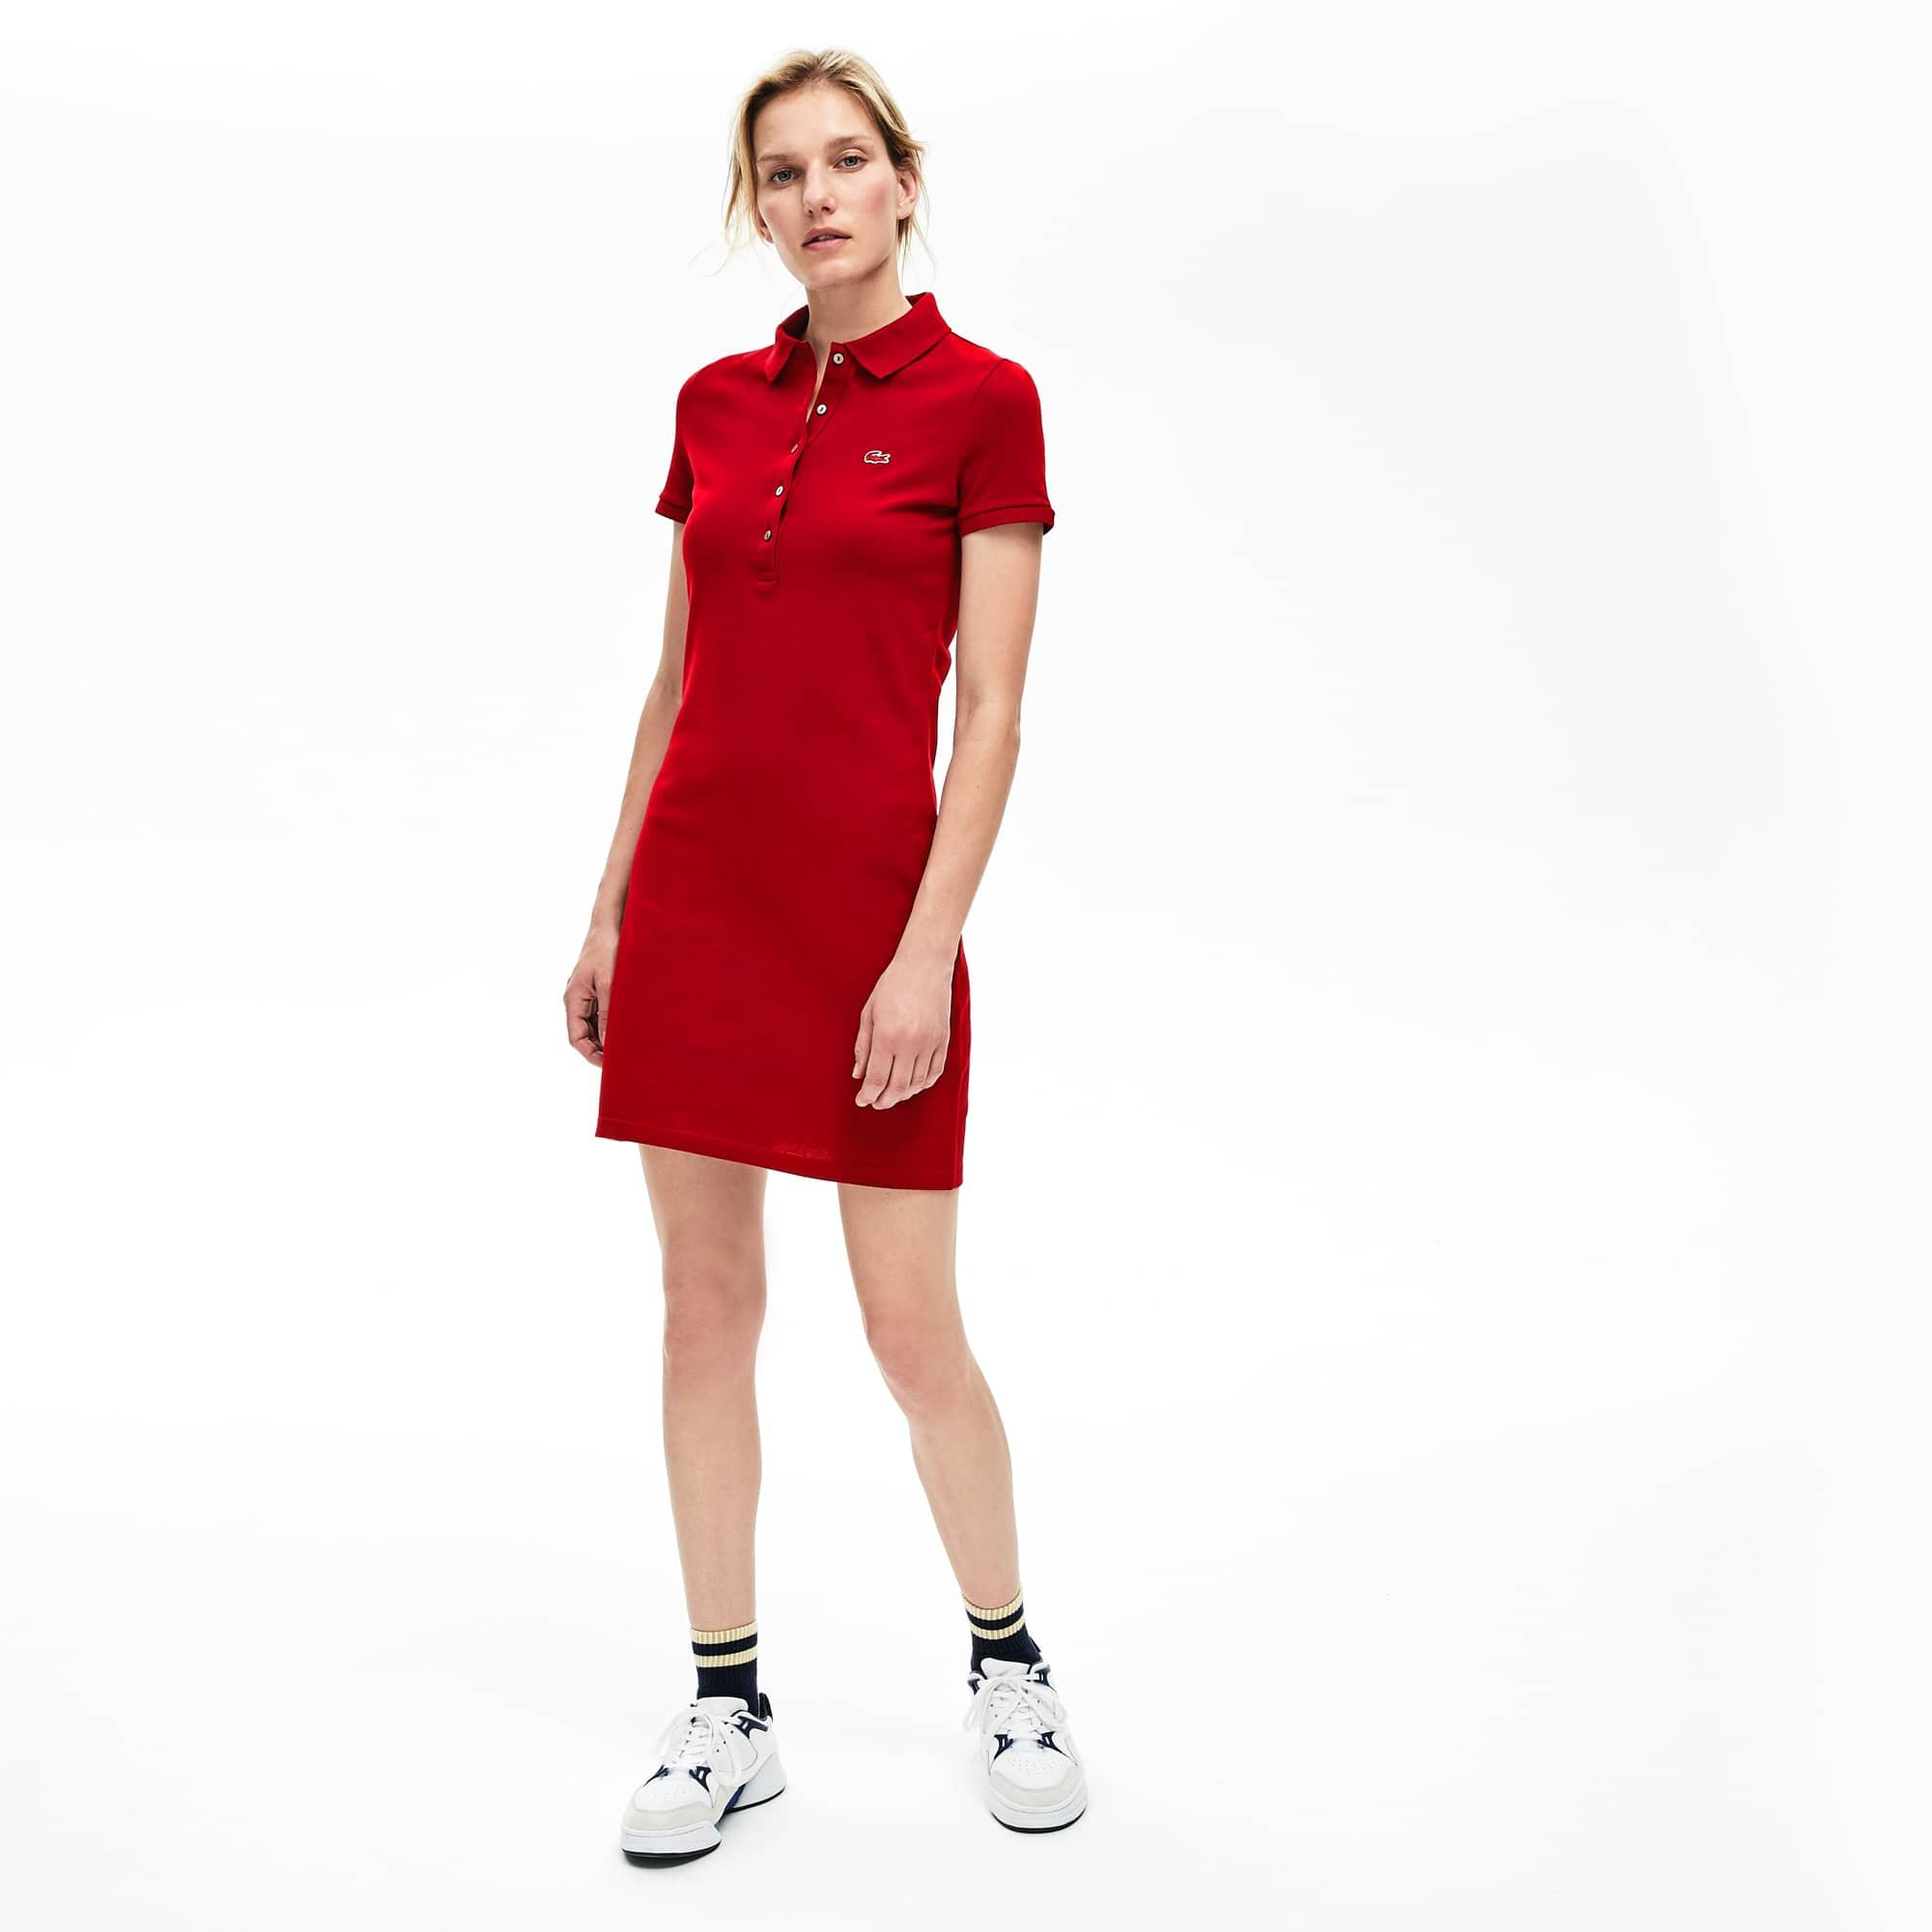 Damen-Polokleid aus Baumwoll-Mini-Piqué mit Stretch e5fac05981